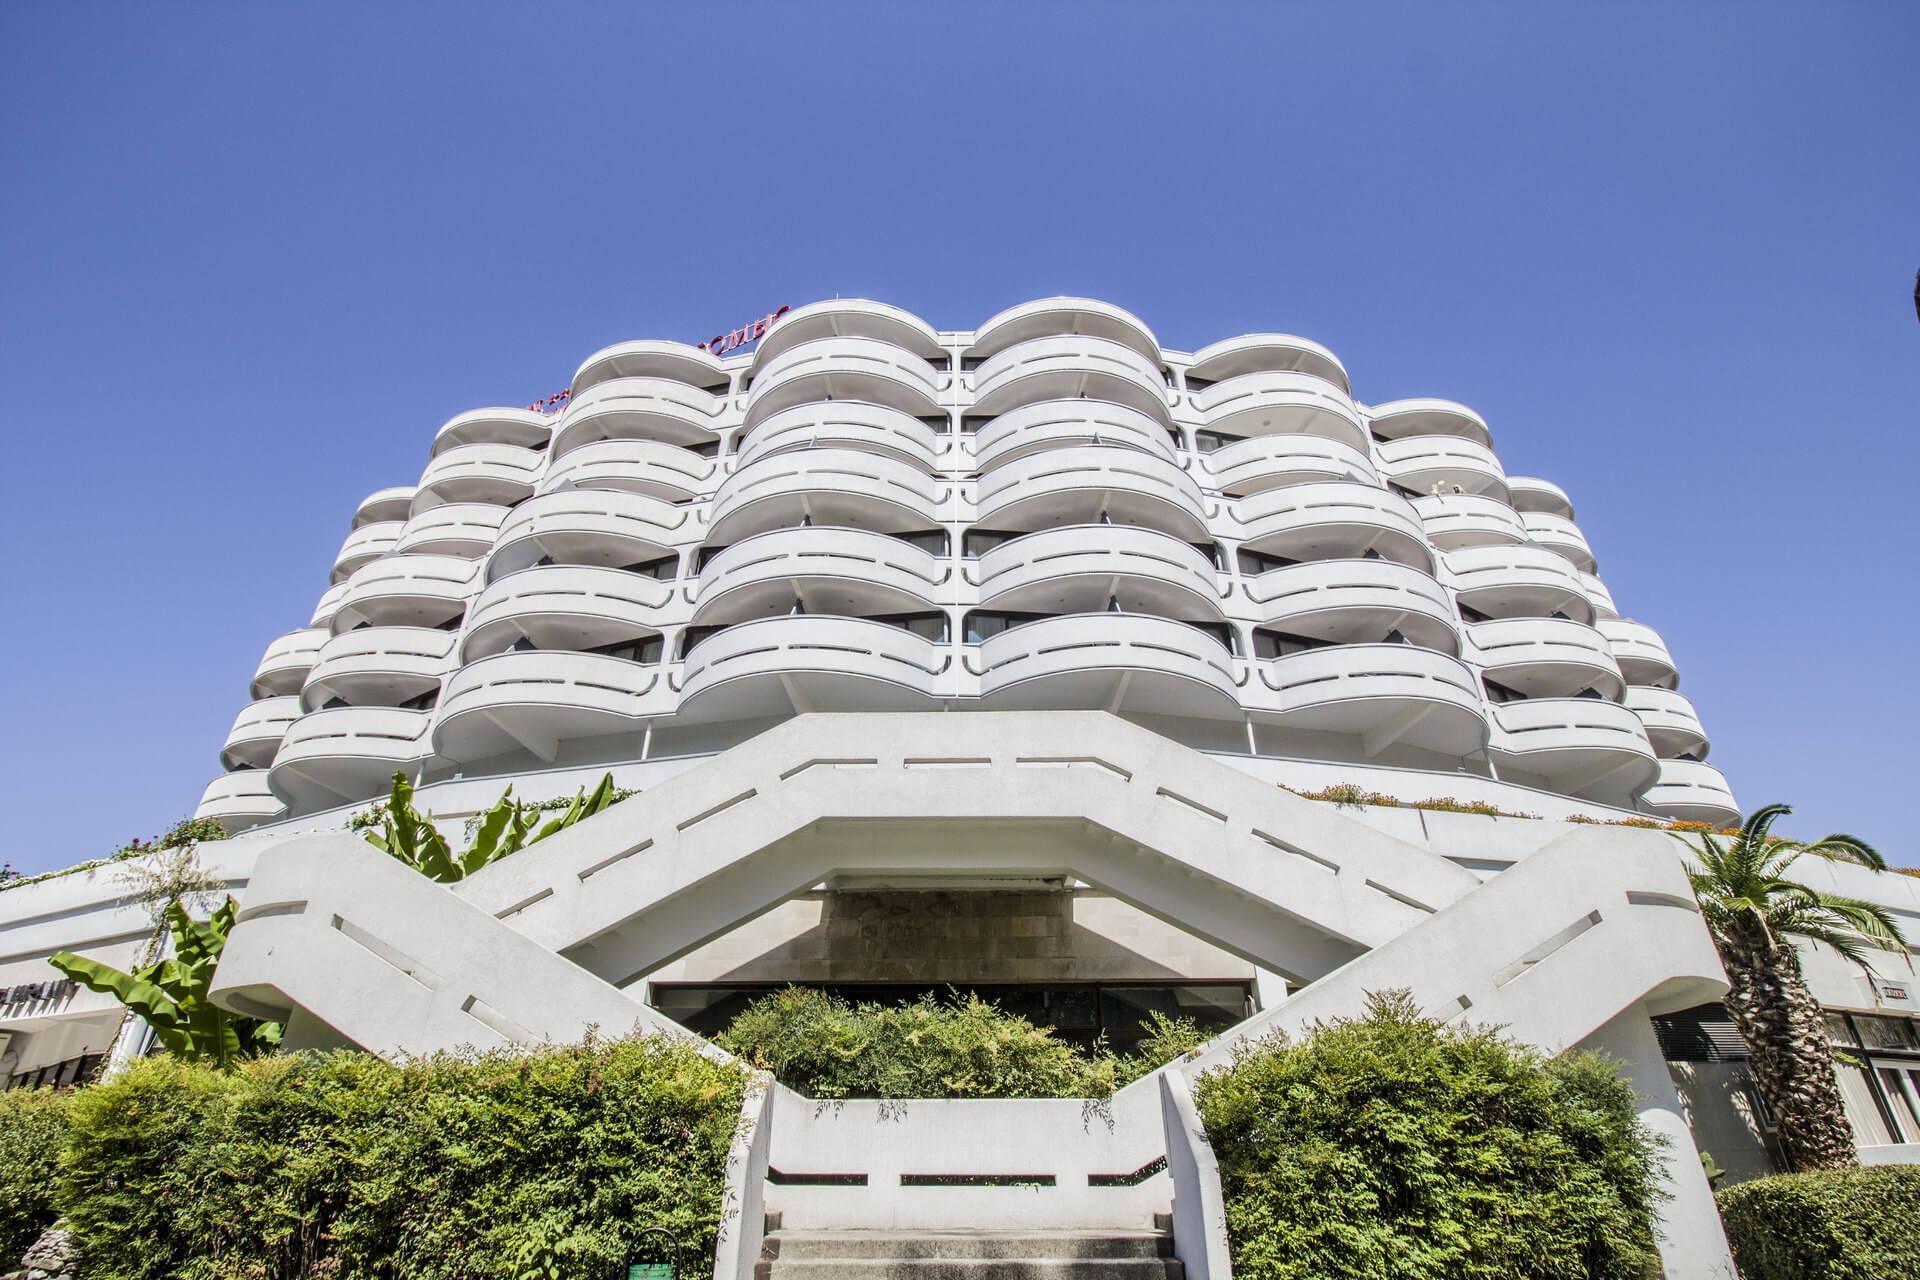 Апартаменты в 4-звездочном комплексе - image Apartamenty-v-4-zvezdochnom-komplekse-4 on http://bizneskvartal.ru